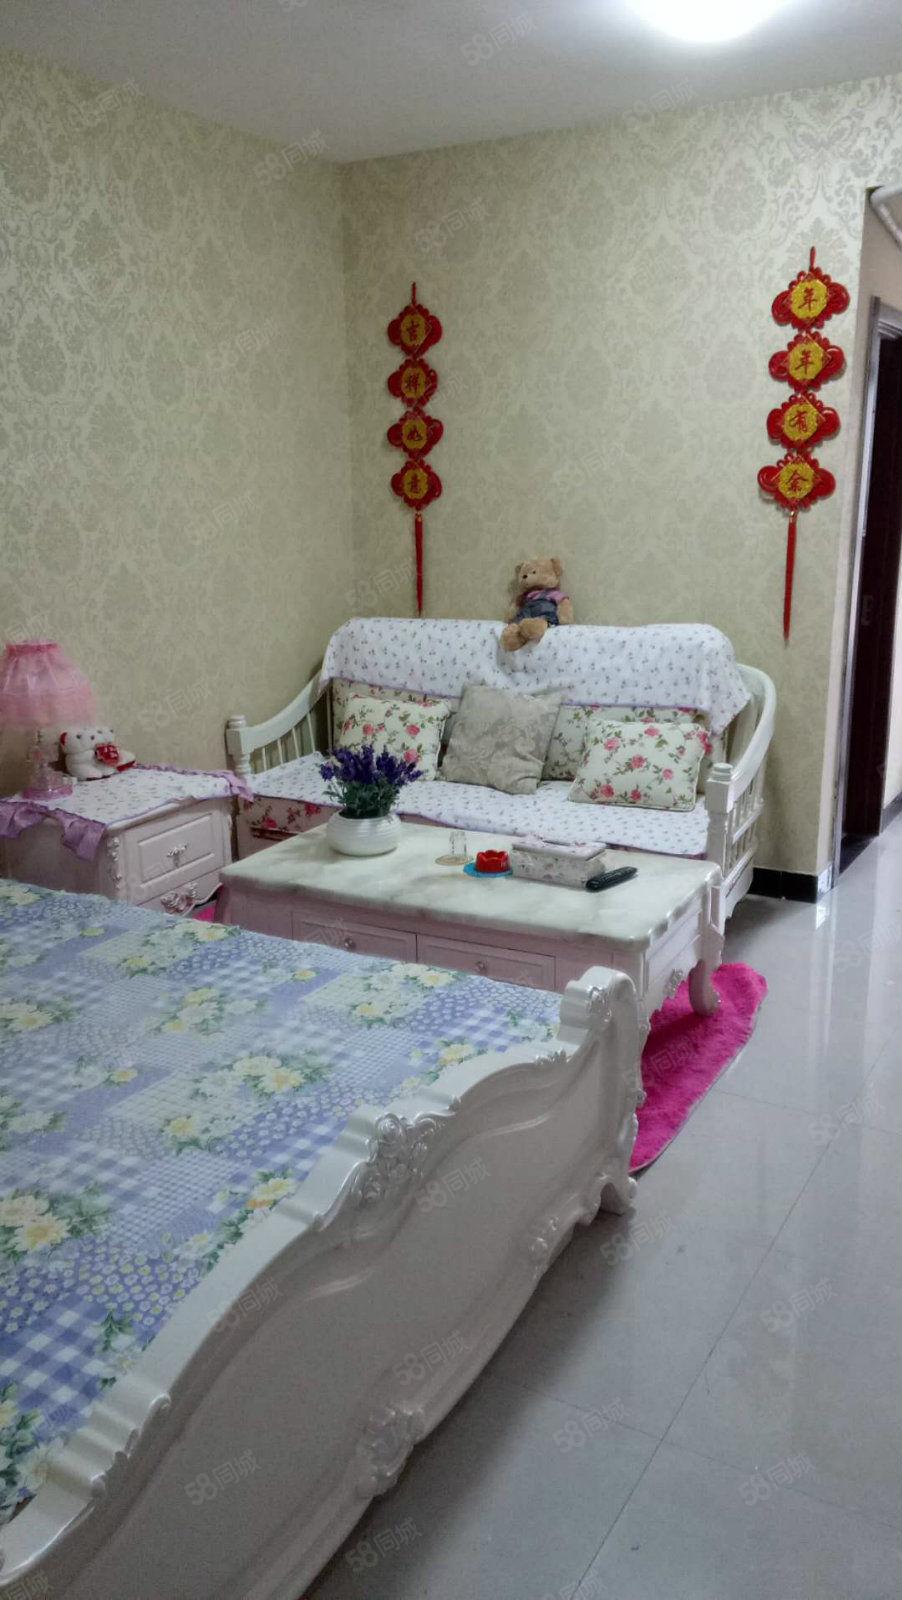 世纪大道沣景公寓精装1室安静舒适